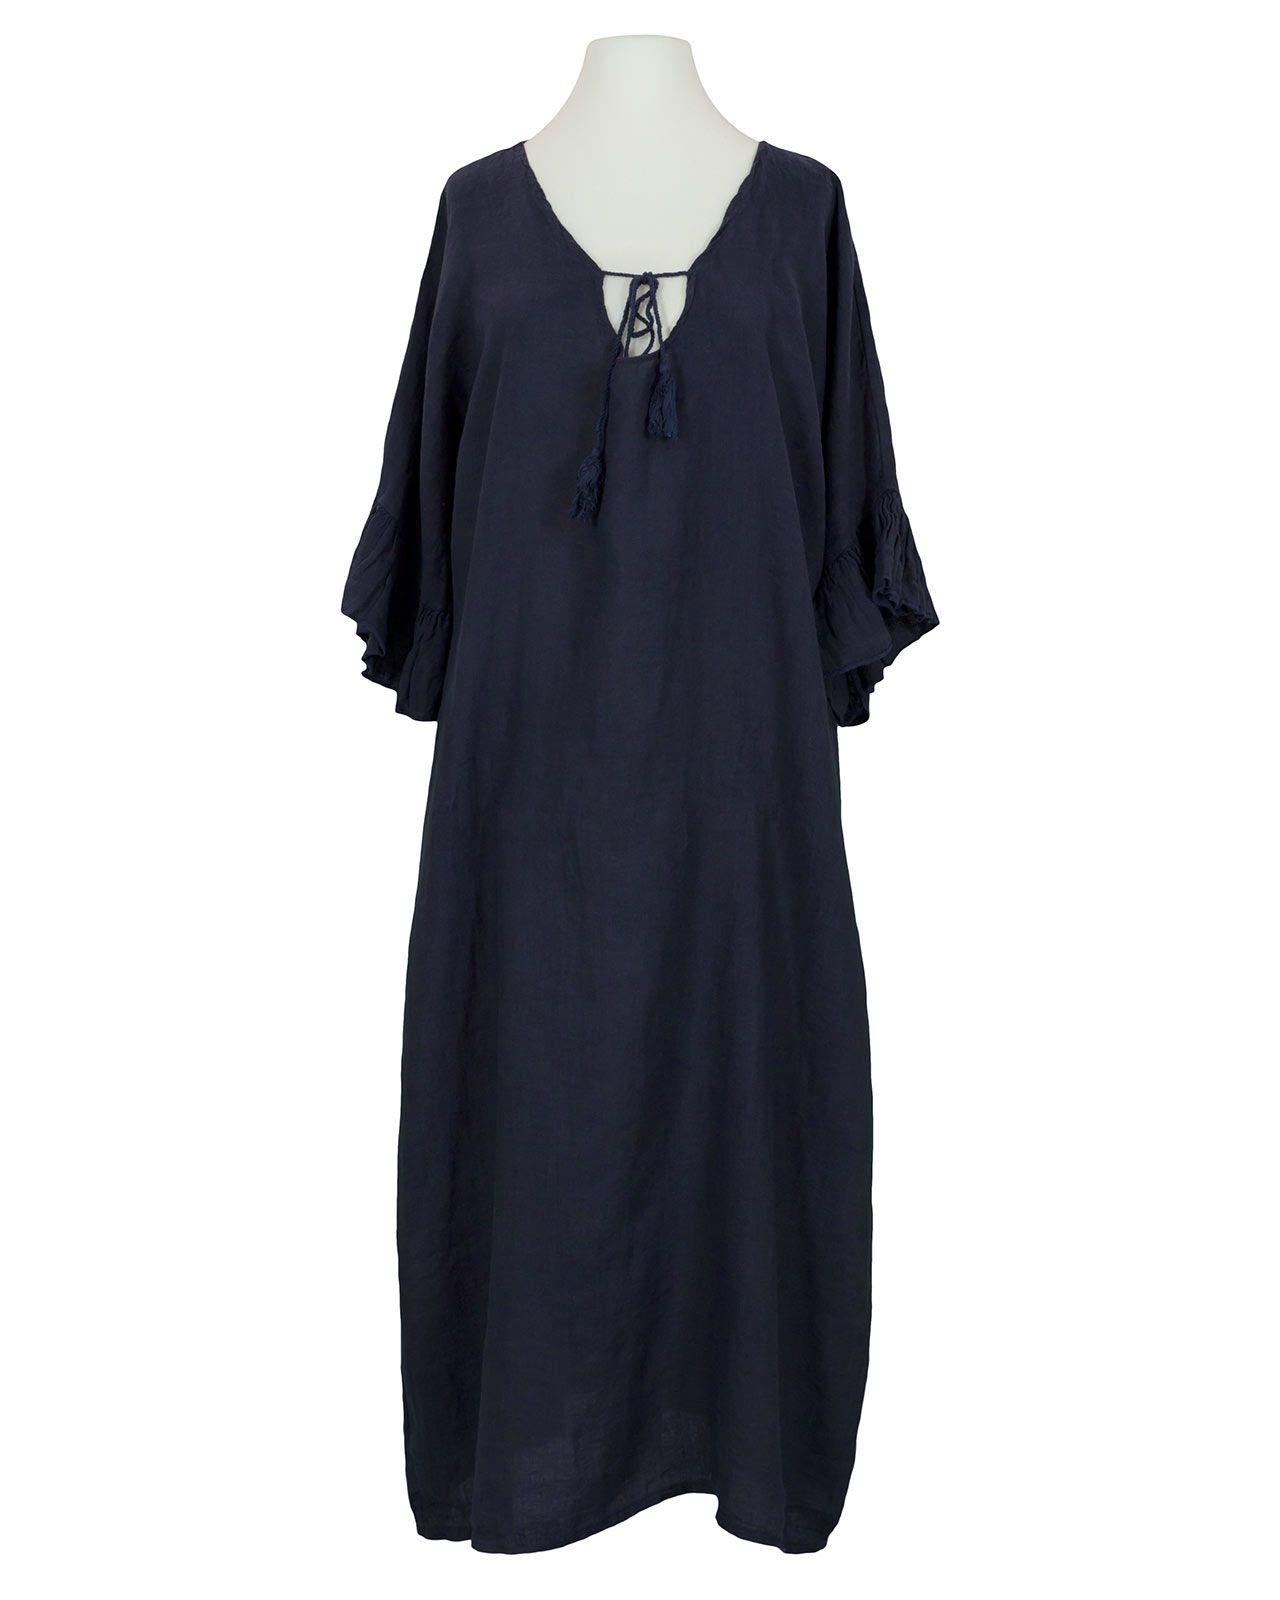 Damen Leinenkleid Volantarm, dunkelblau von Diana in 2020 ...